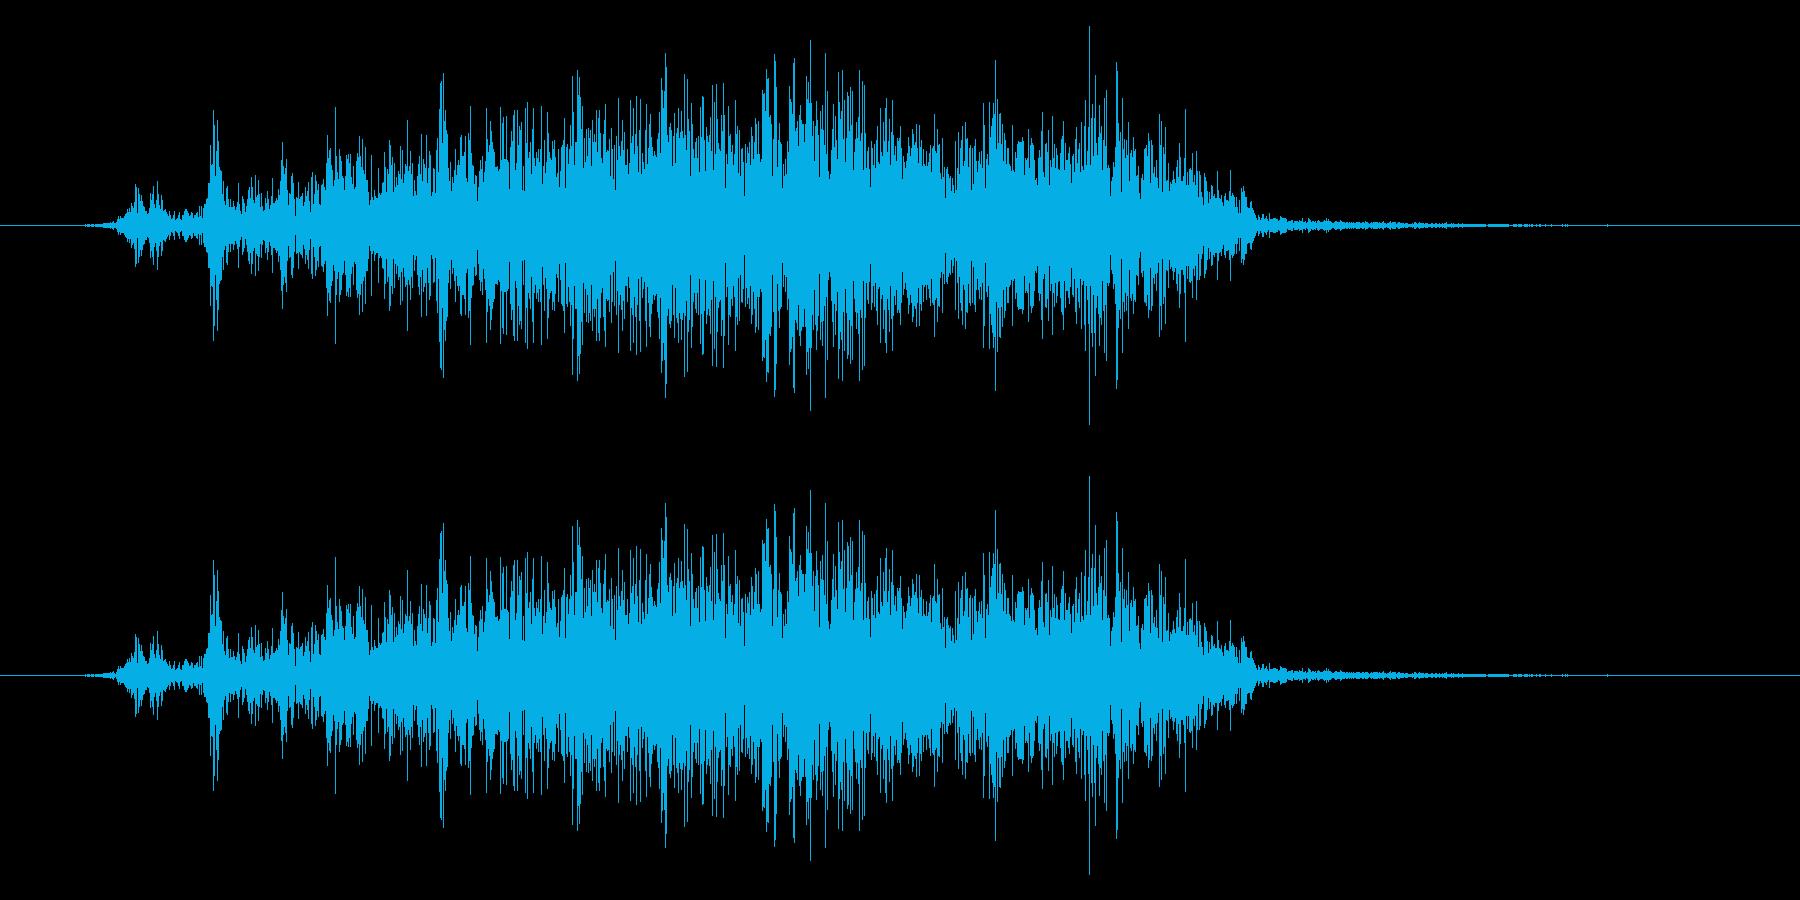 開封/ダンボール/ビリーッ/カッターの再生済みの波形